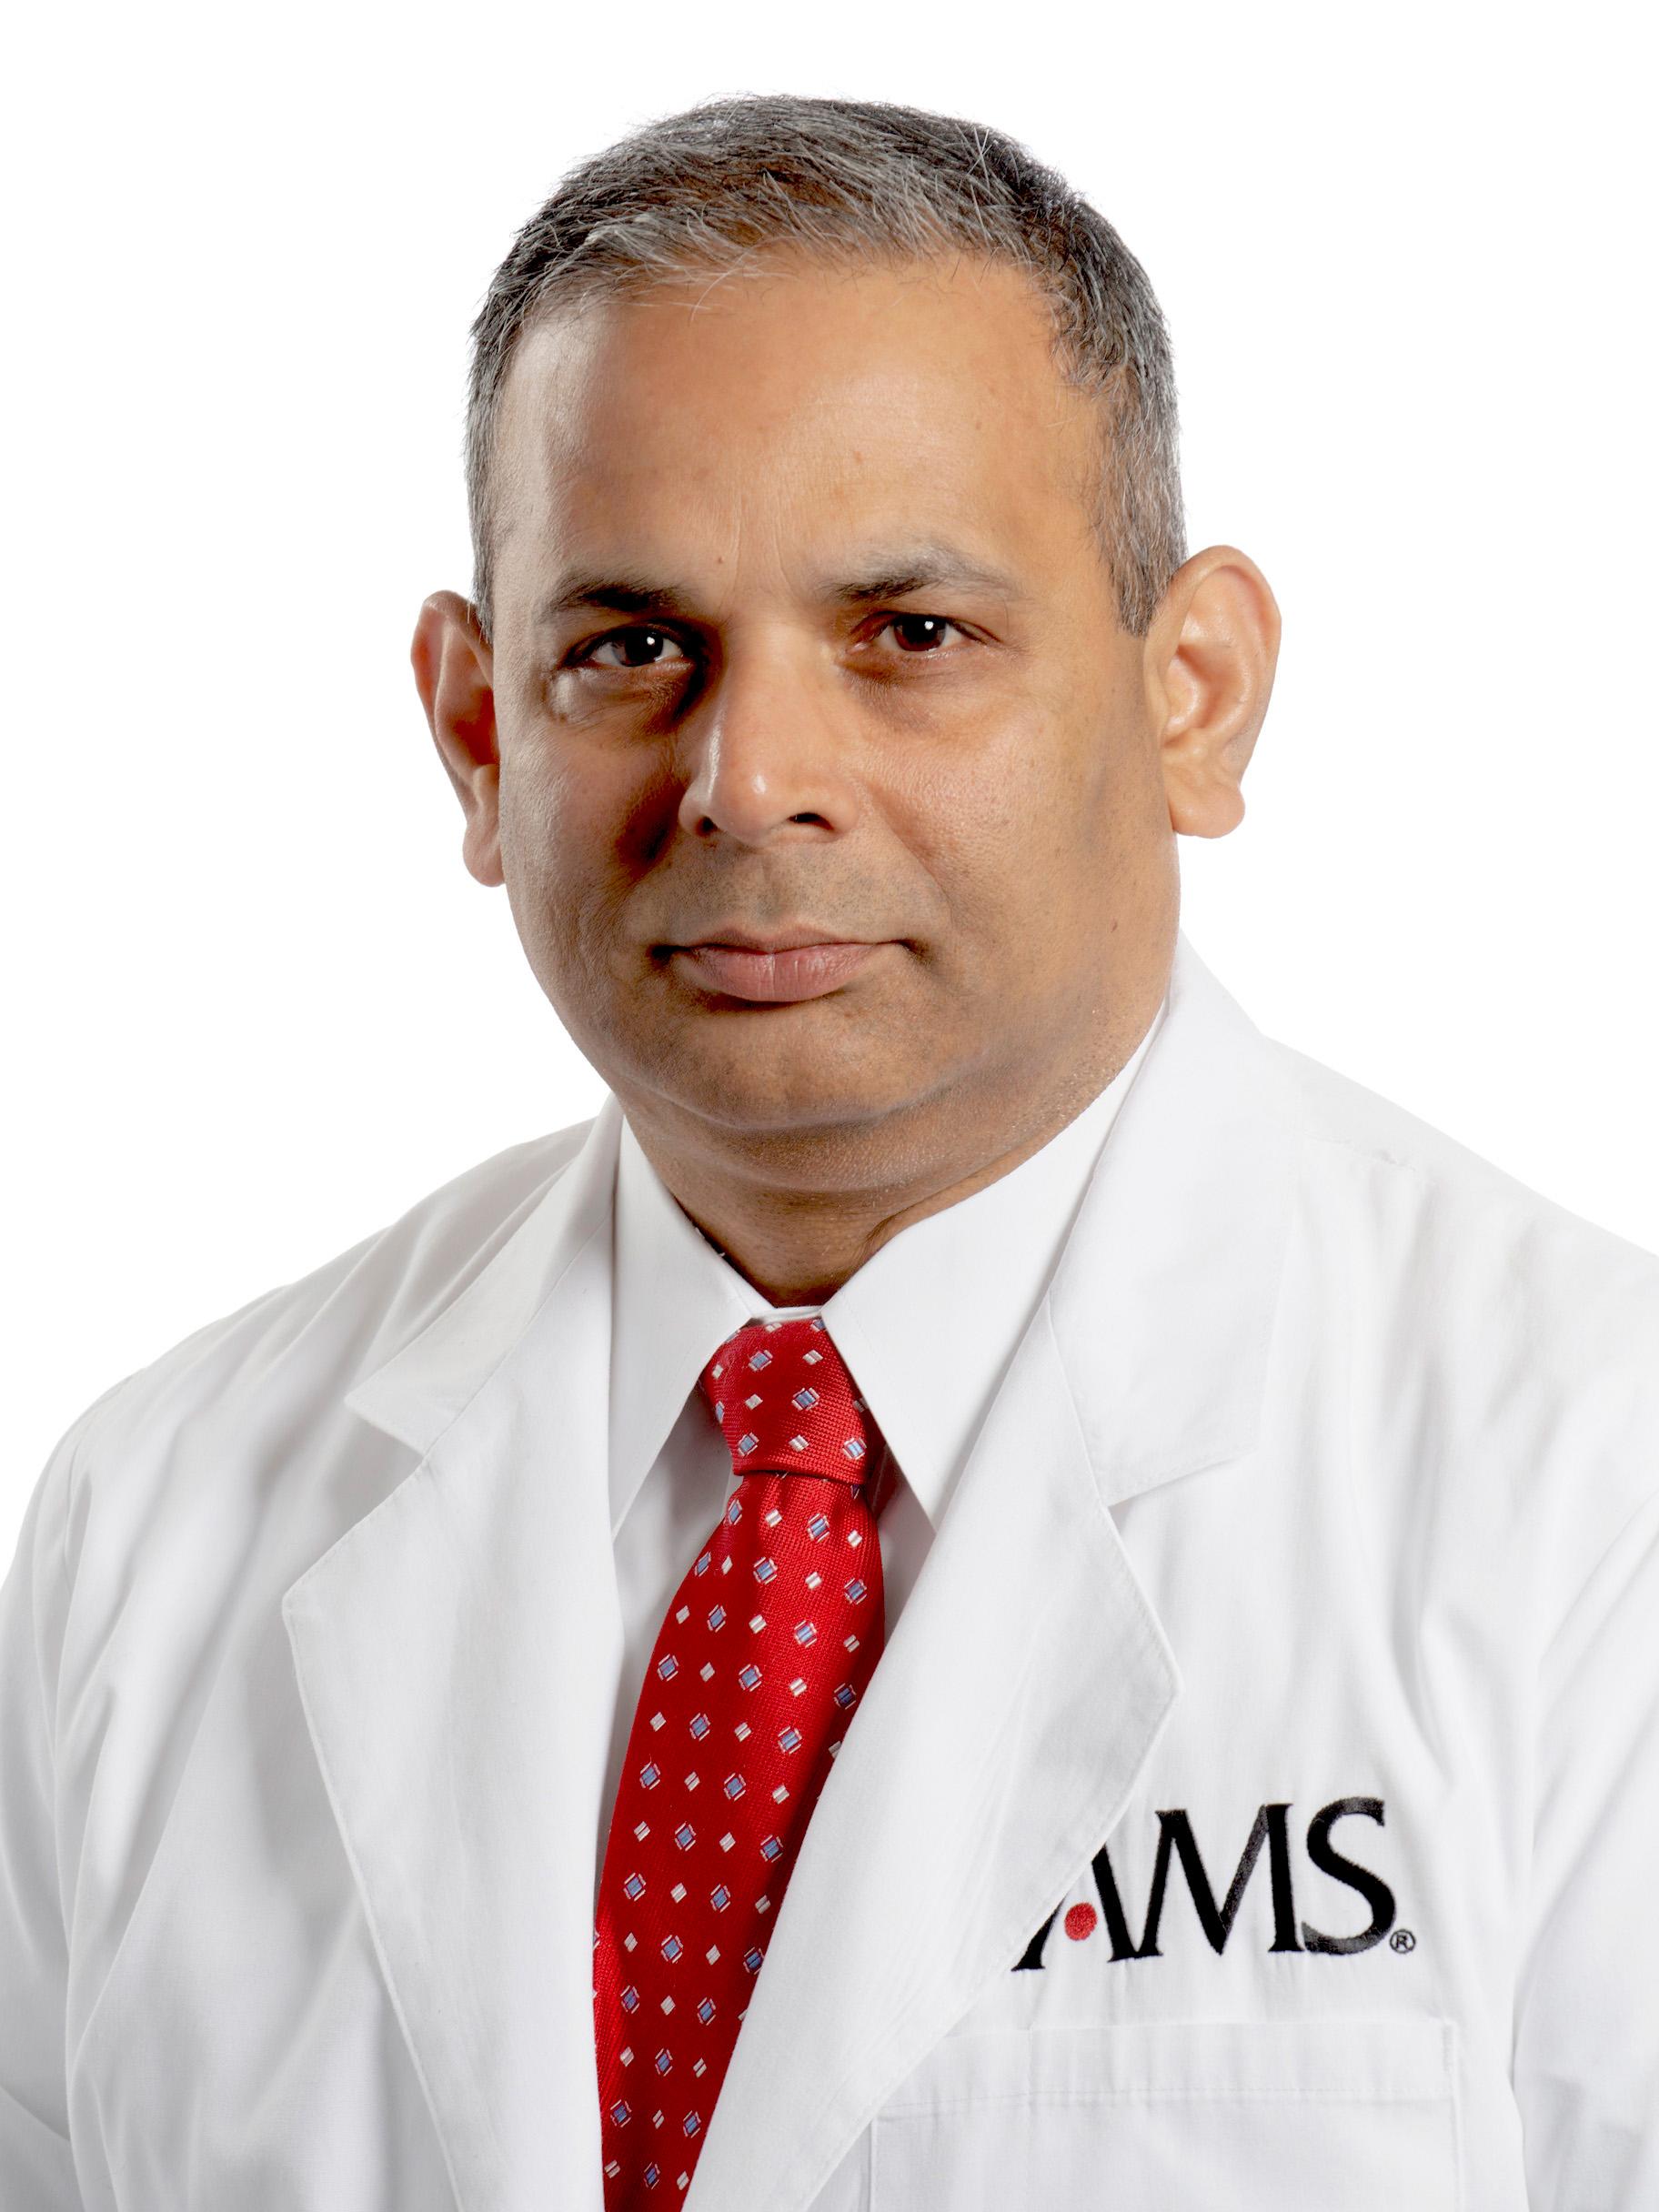 Arabinda K Choudhary M D Mba Uams Health